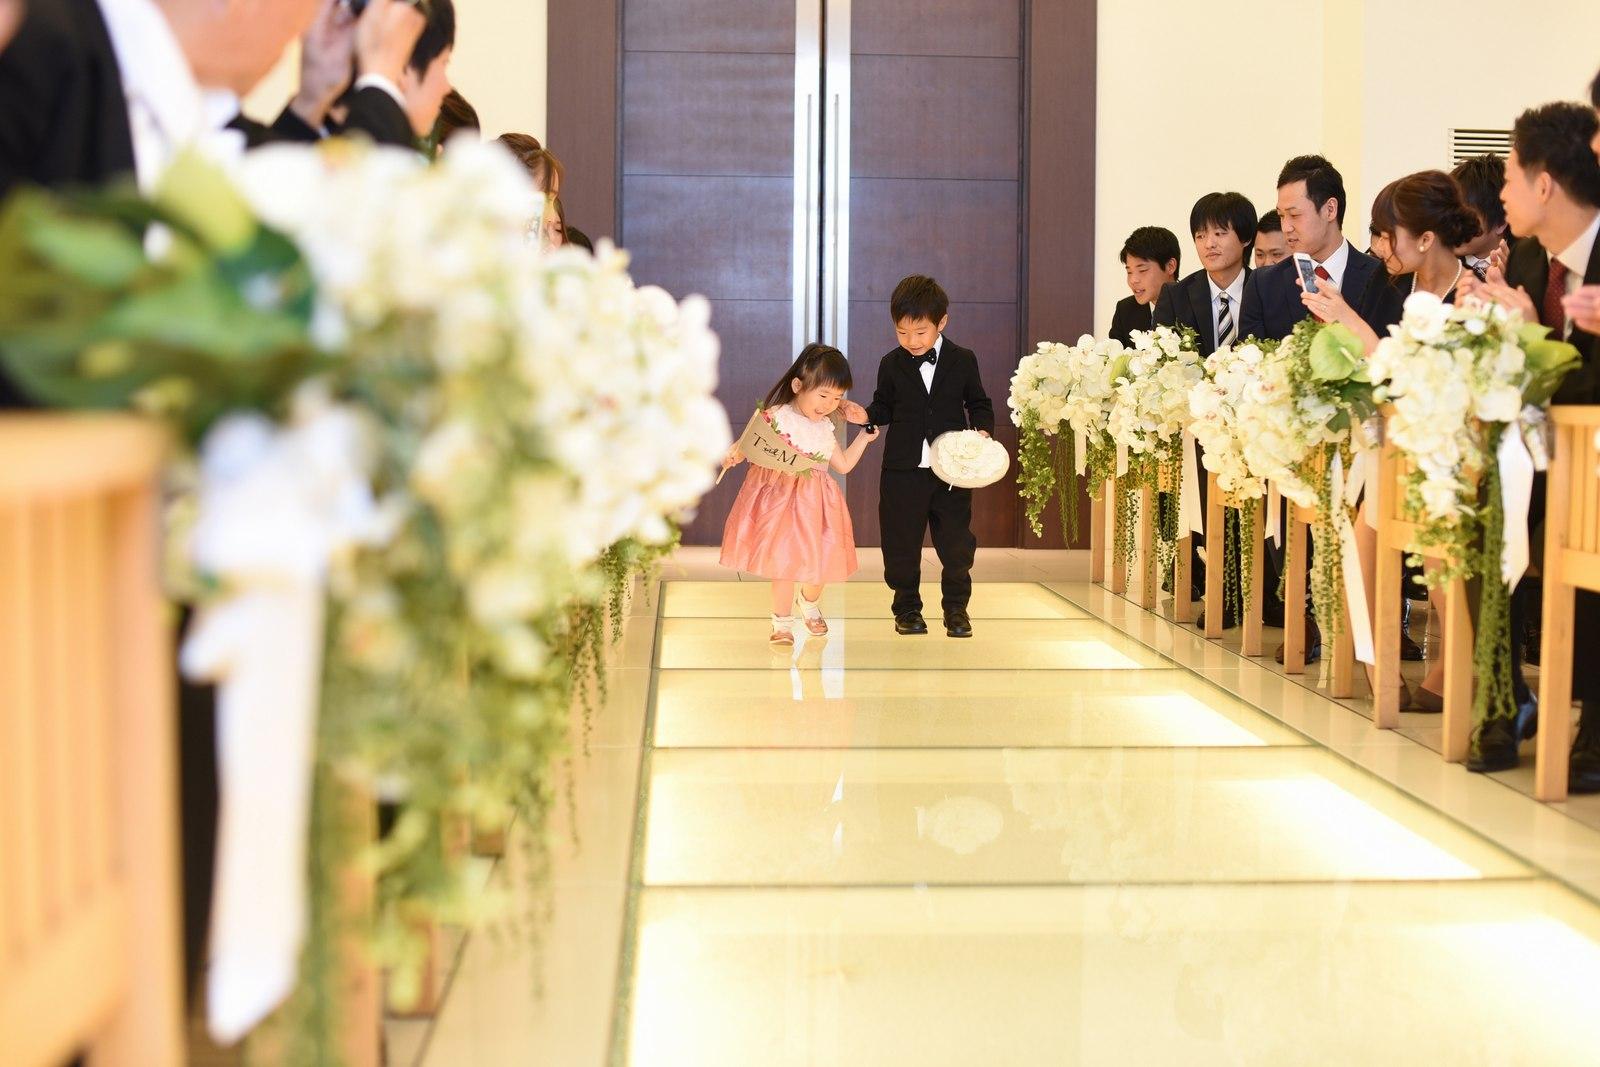 高松市の結婚式場アイルバレクラブでリングボーイとリングガールが指輪を届ける